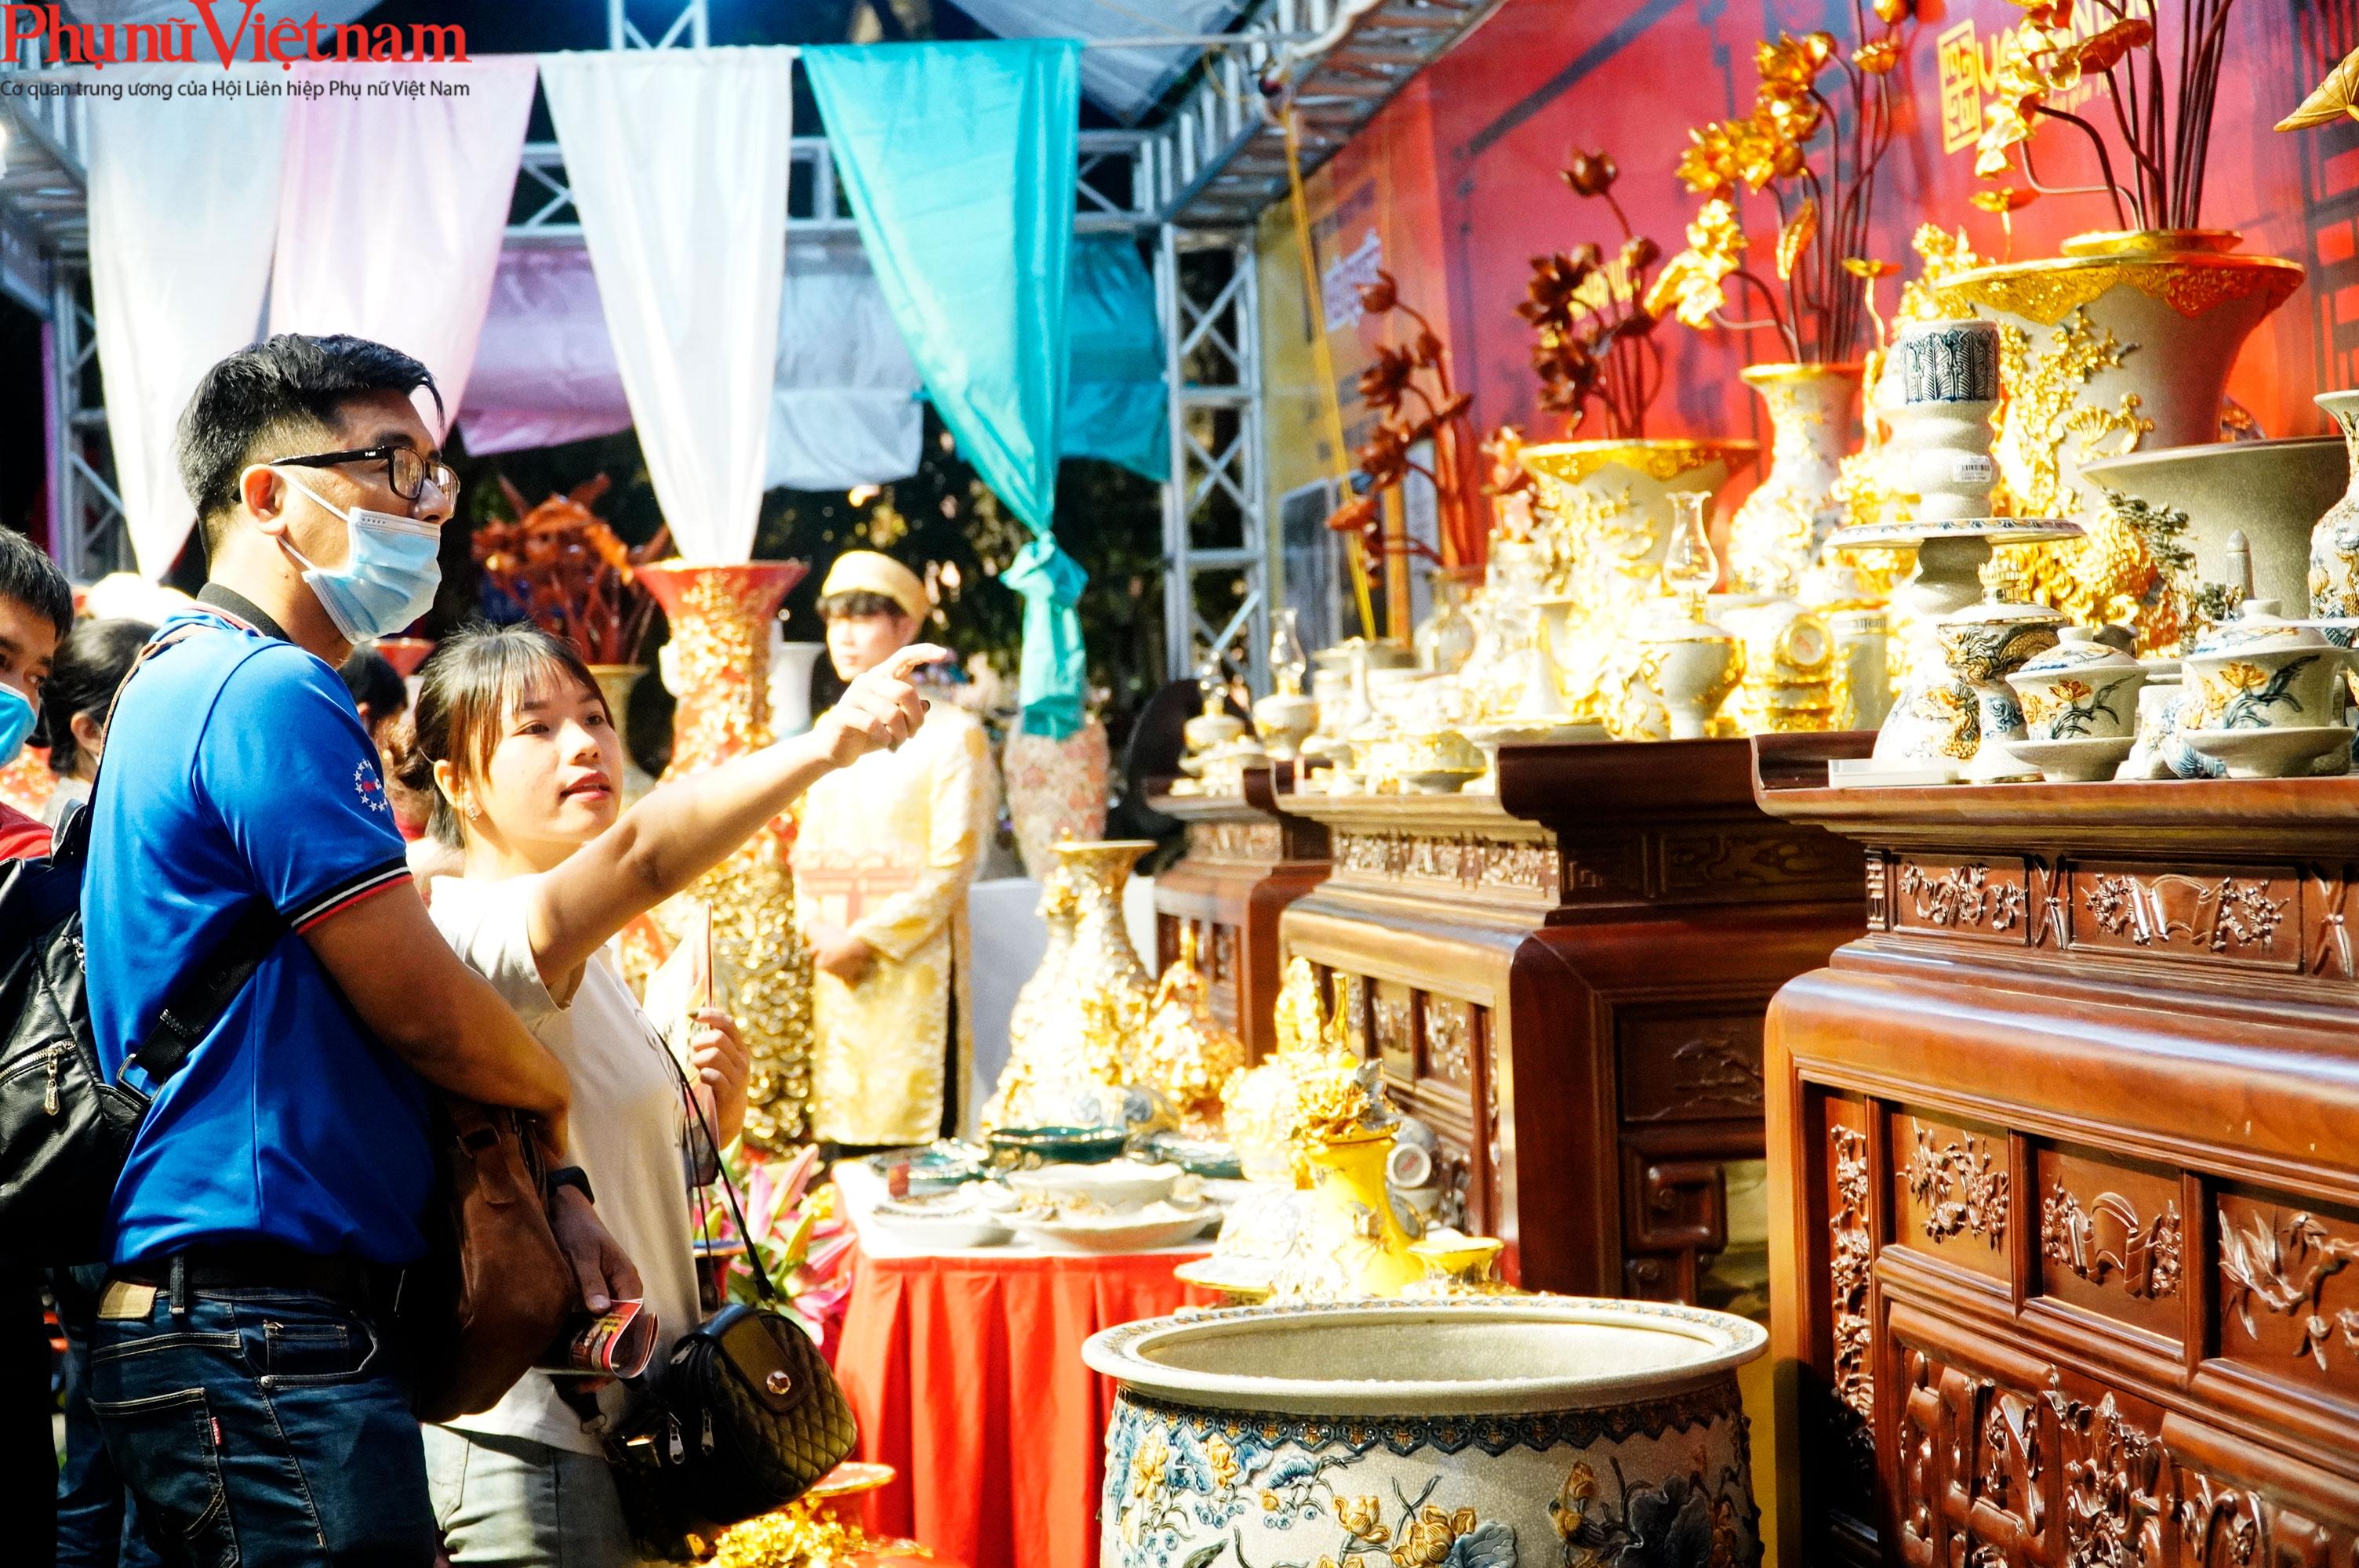 Phụ nữ Hà Nội giao lưu văn hóa, du lịch và sản phẩm sáng tạo với các tỉnh thành thuộc Đồng bằng sông Hồng - Ảnh 14.